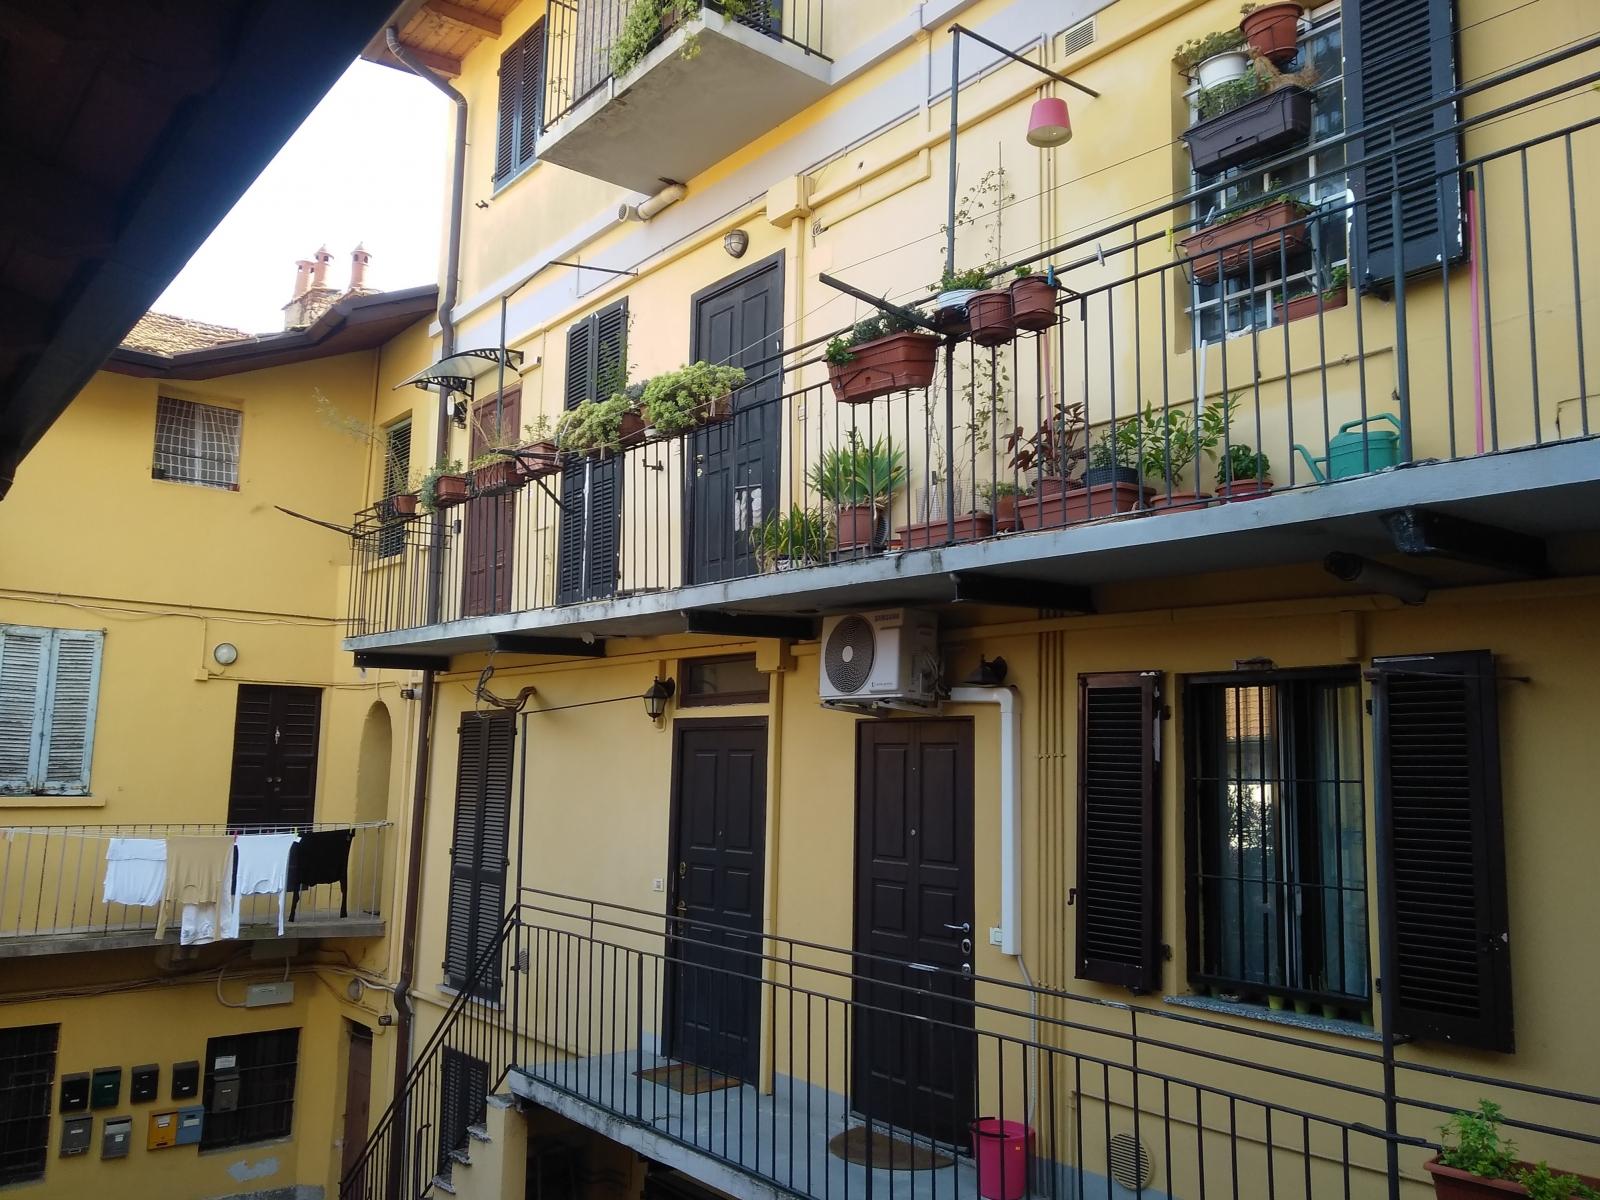 baggio-centro-storico-due-locali-in-vendita-milano-spaziourbano-immobiliare-dove-trovi-casa-6